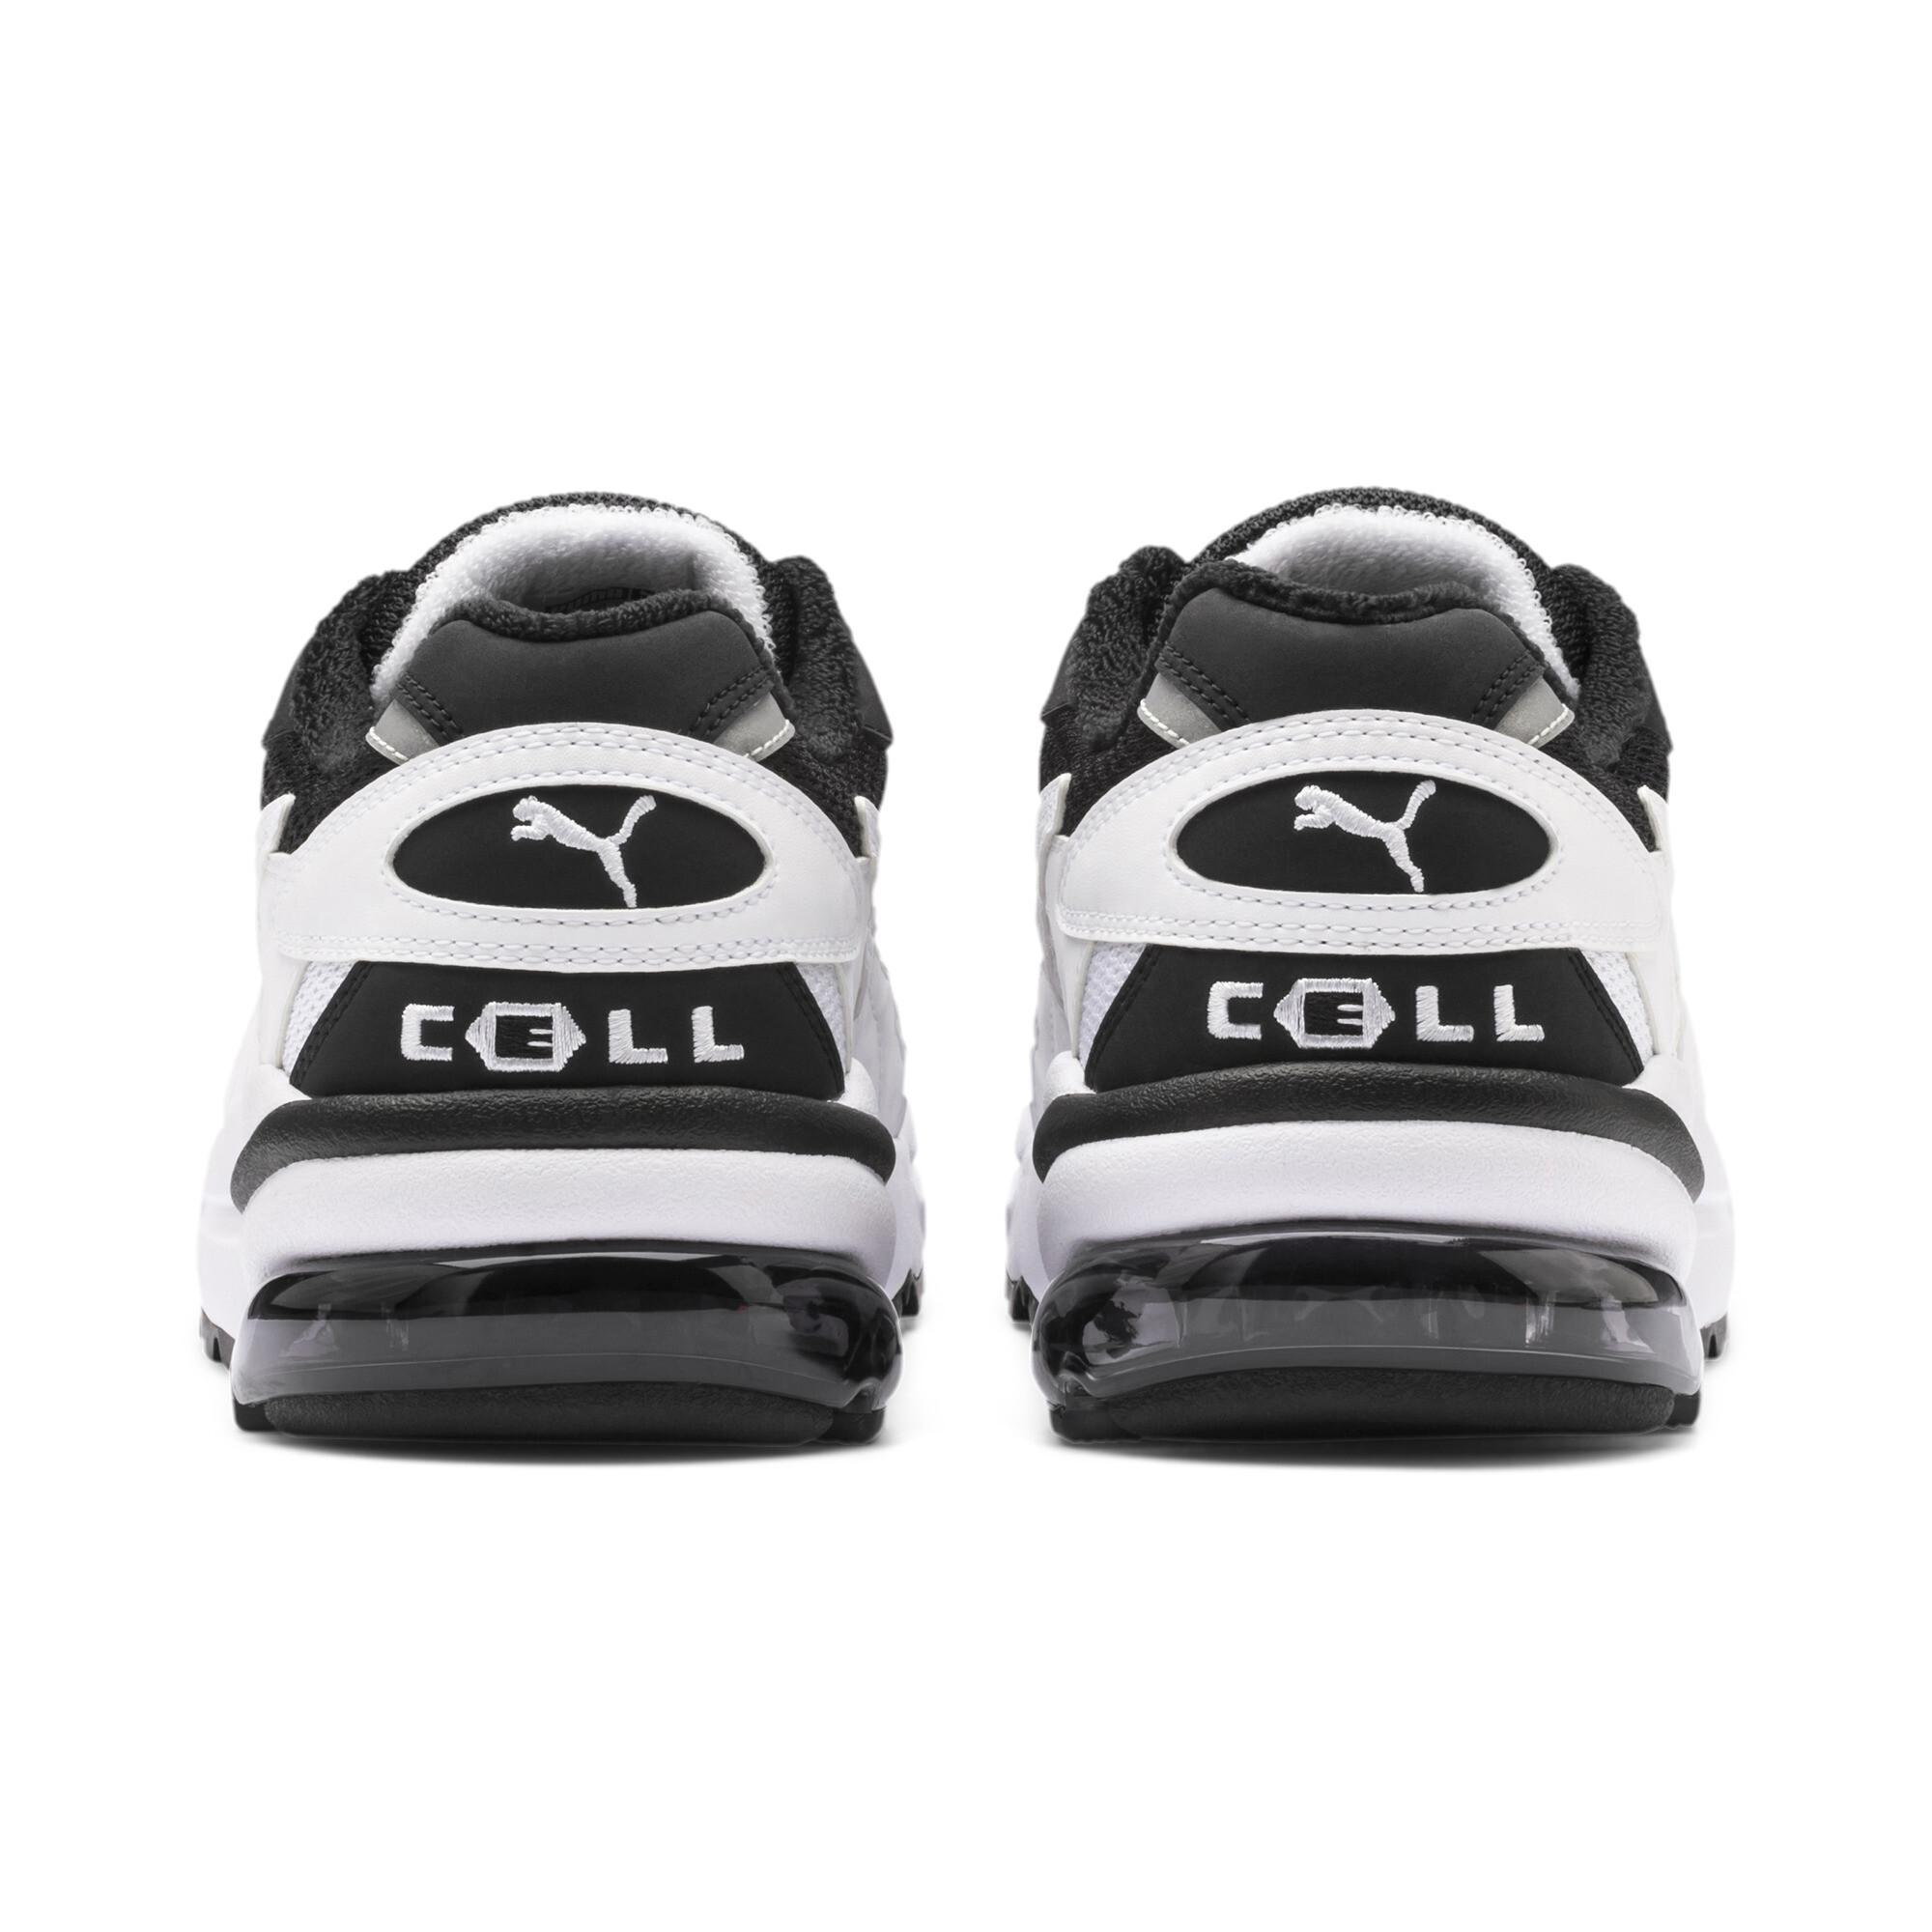 PUMA-CELL-Alien-OG-Men-039-s-Sneakers-Men-Shoe-Sport-Classics thumbnail 5